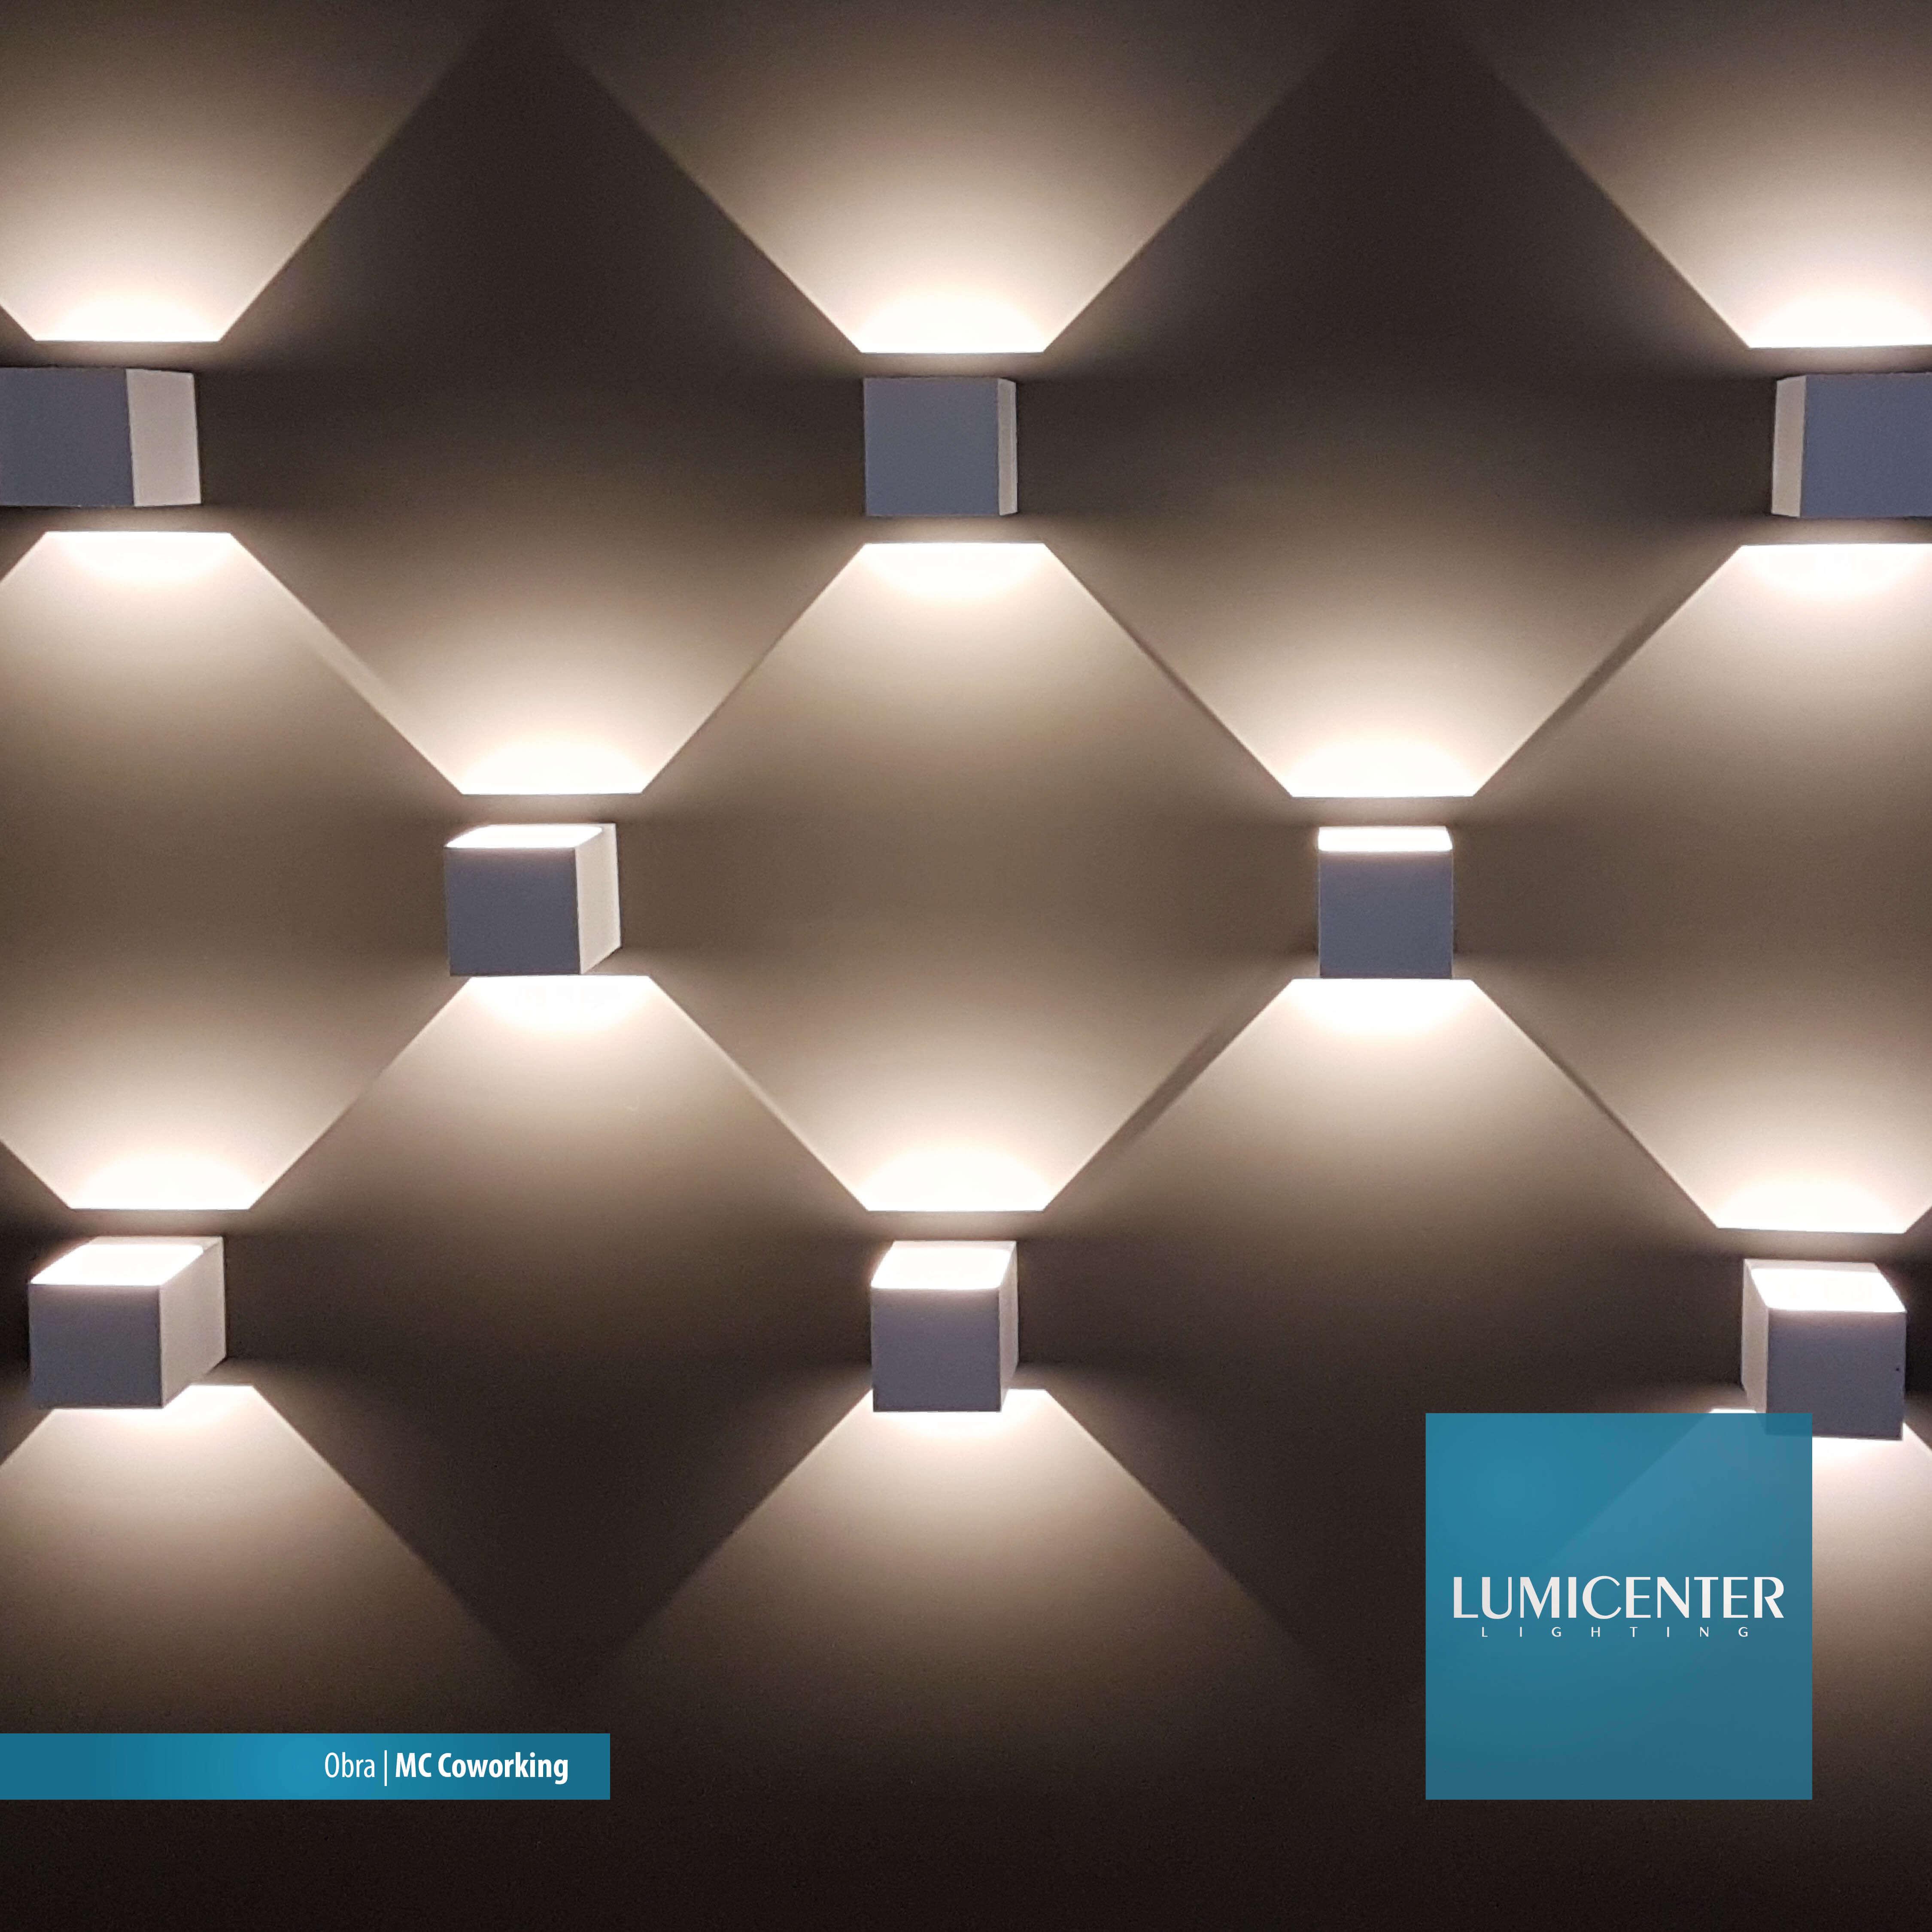 Case de Sucesso - Iluminação LED - Lumicenter Transforma a Iluminação do MC Office Coworking